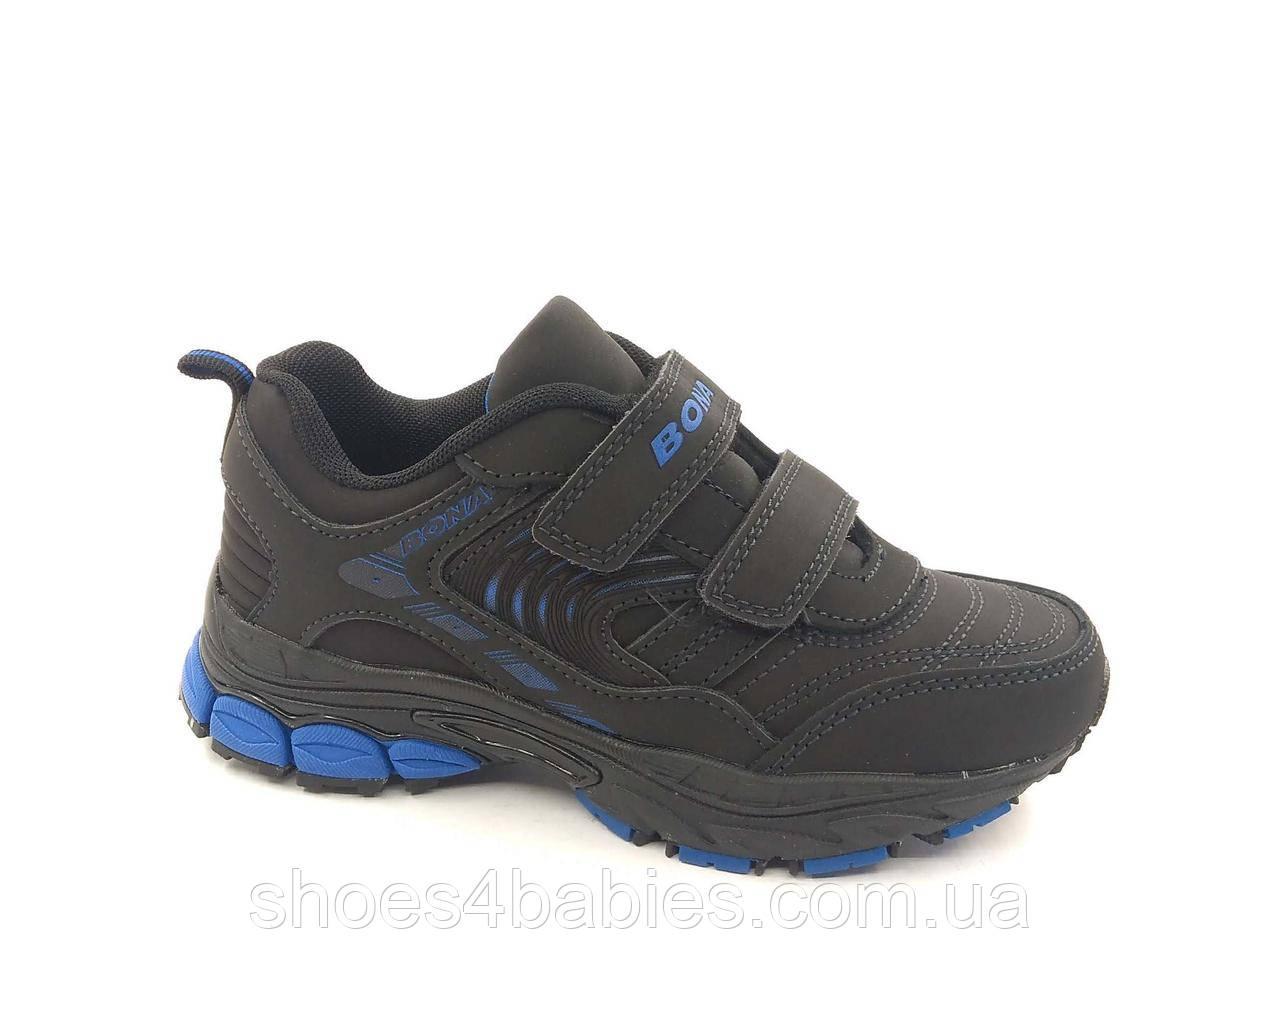 Кроссовки кожаные ТМ Bona 750L р. 31 - 36 для мальчика черные